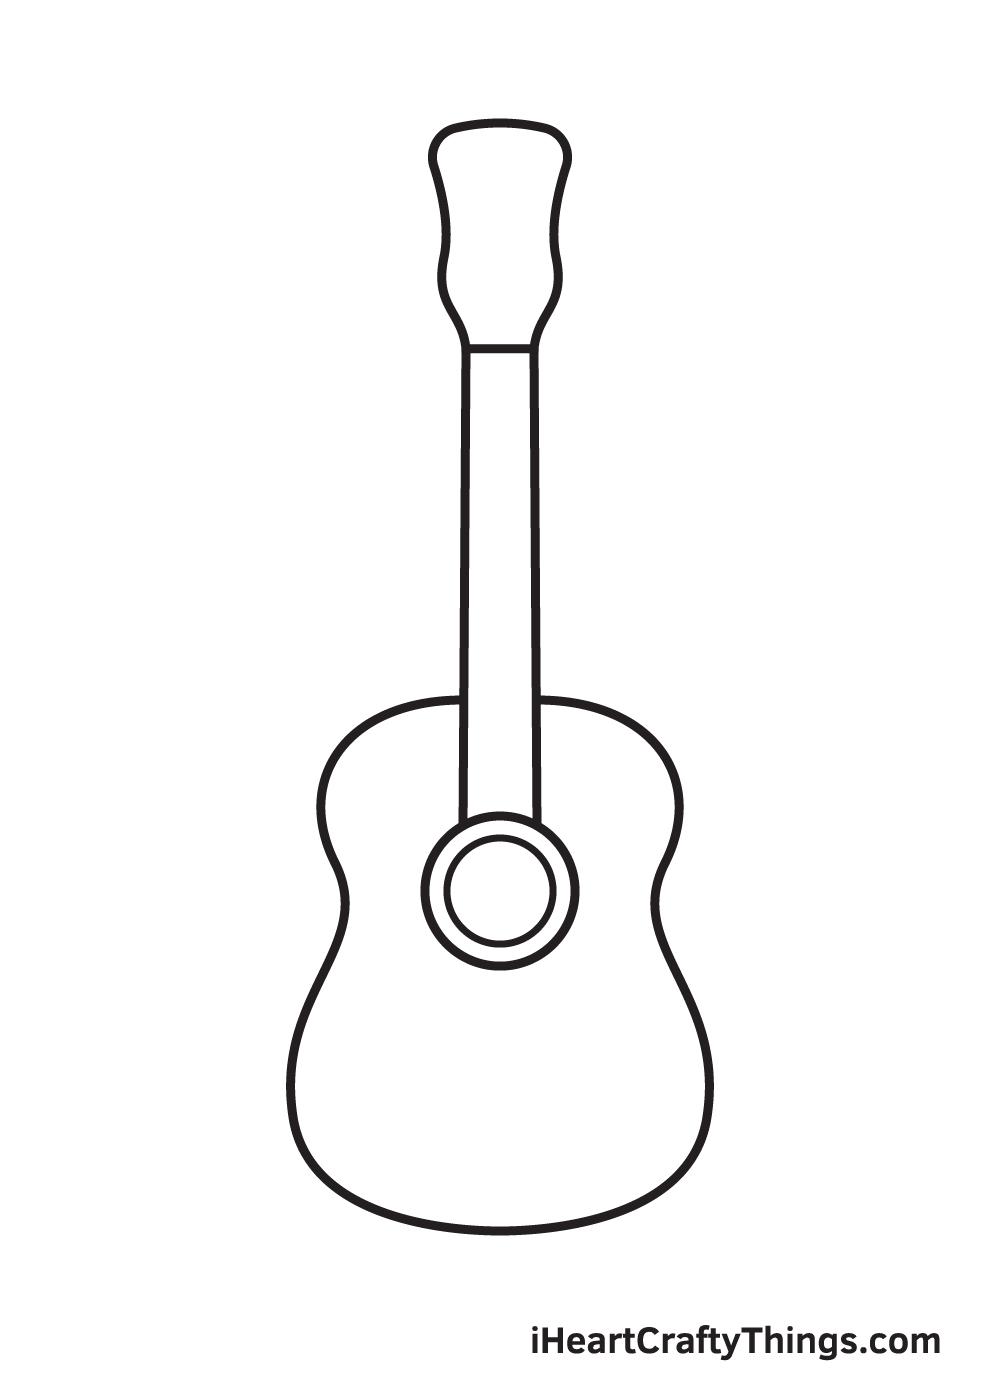 Vẽ đàn guitar - Bước 4